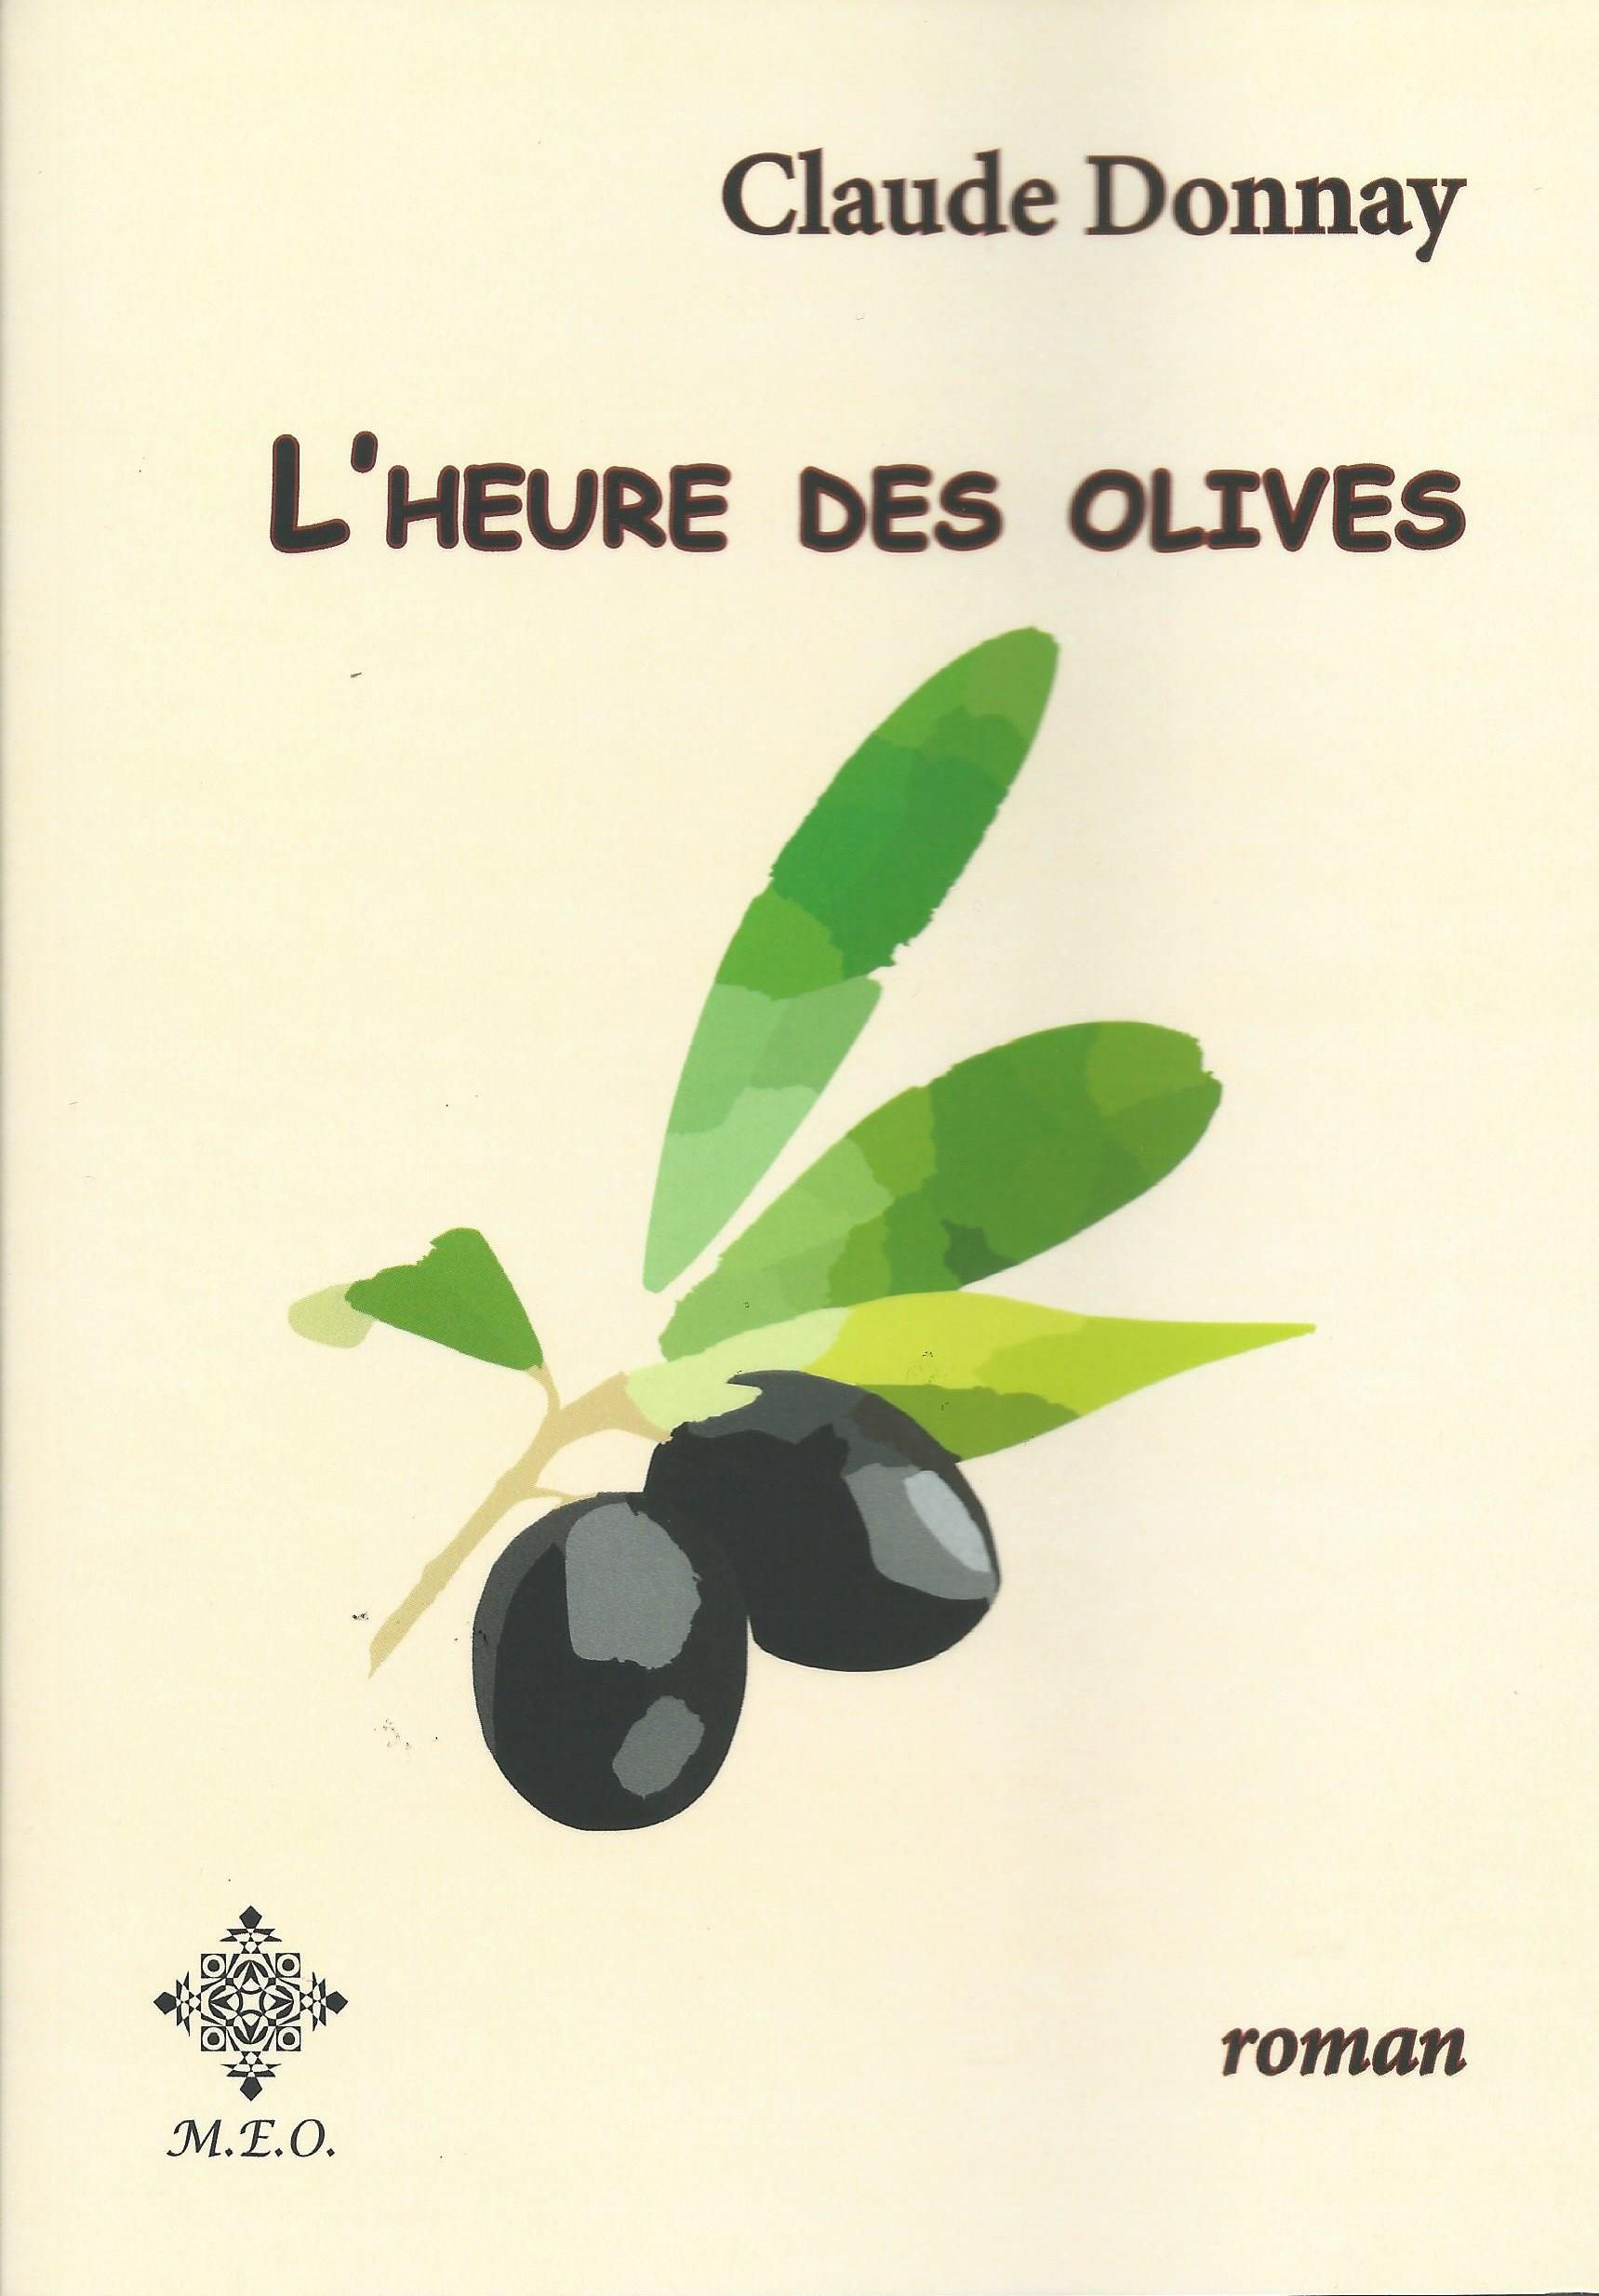 CLAUDE DONNAY - L'heure des olives